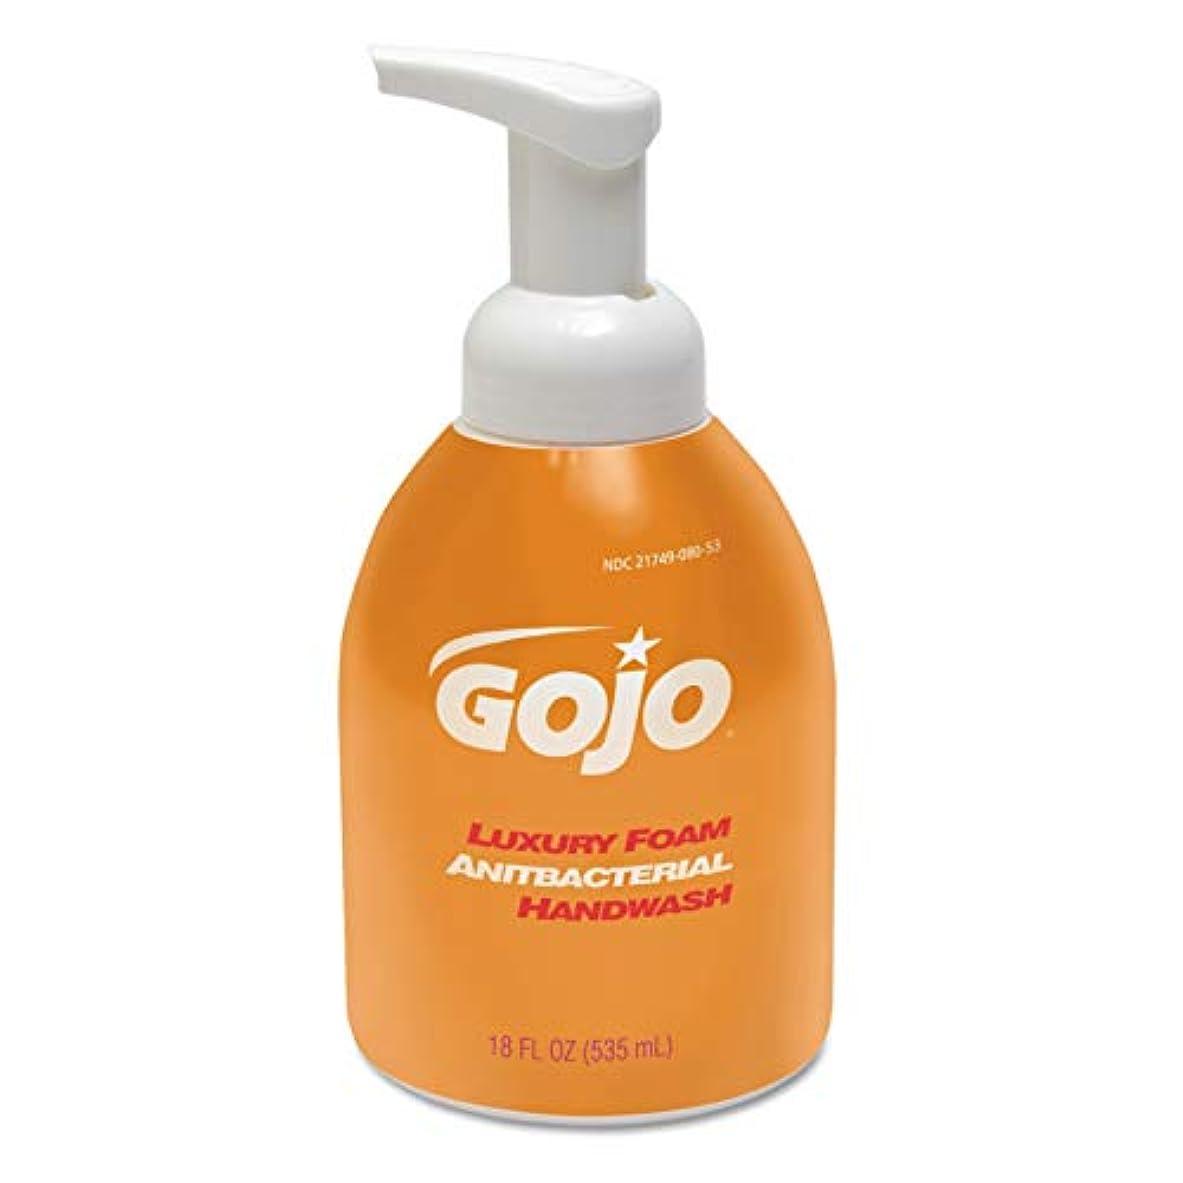 充実スリル取り出すLuxury Foam Antibacterial Handwash, Orange Blossom, 18 oz Pump (並行輸入品)